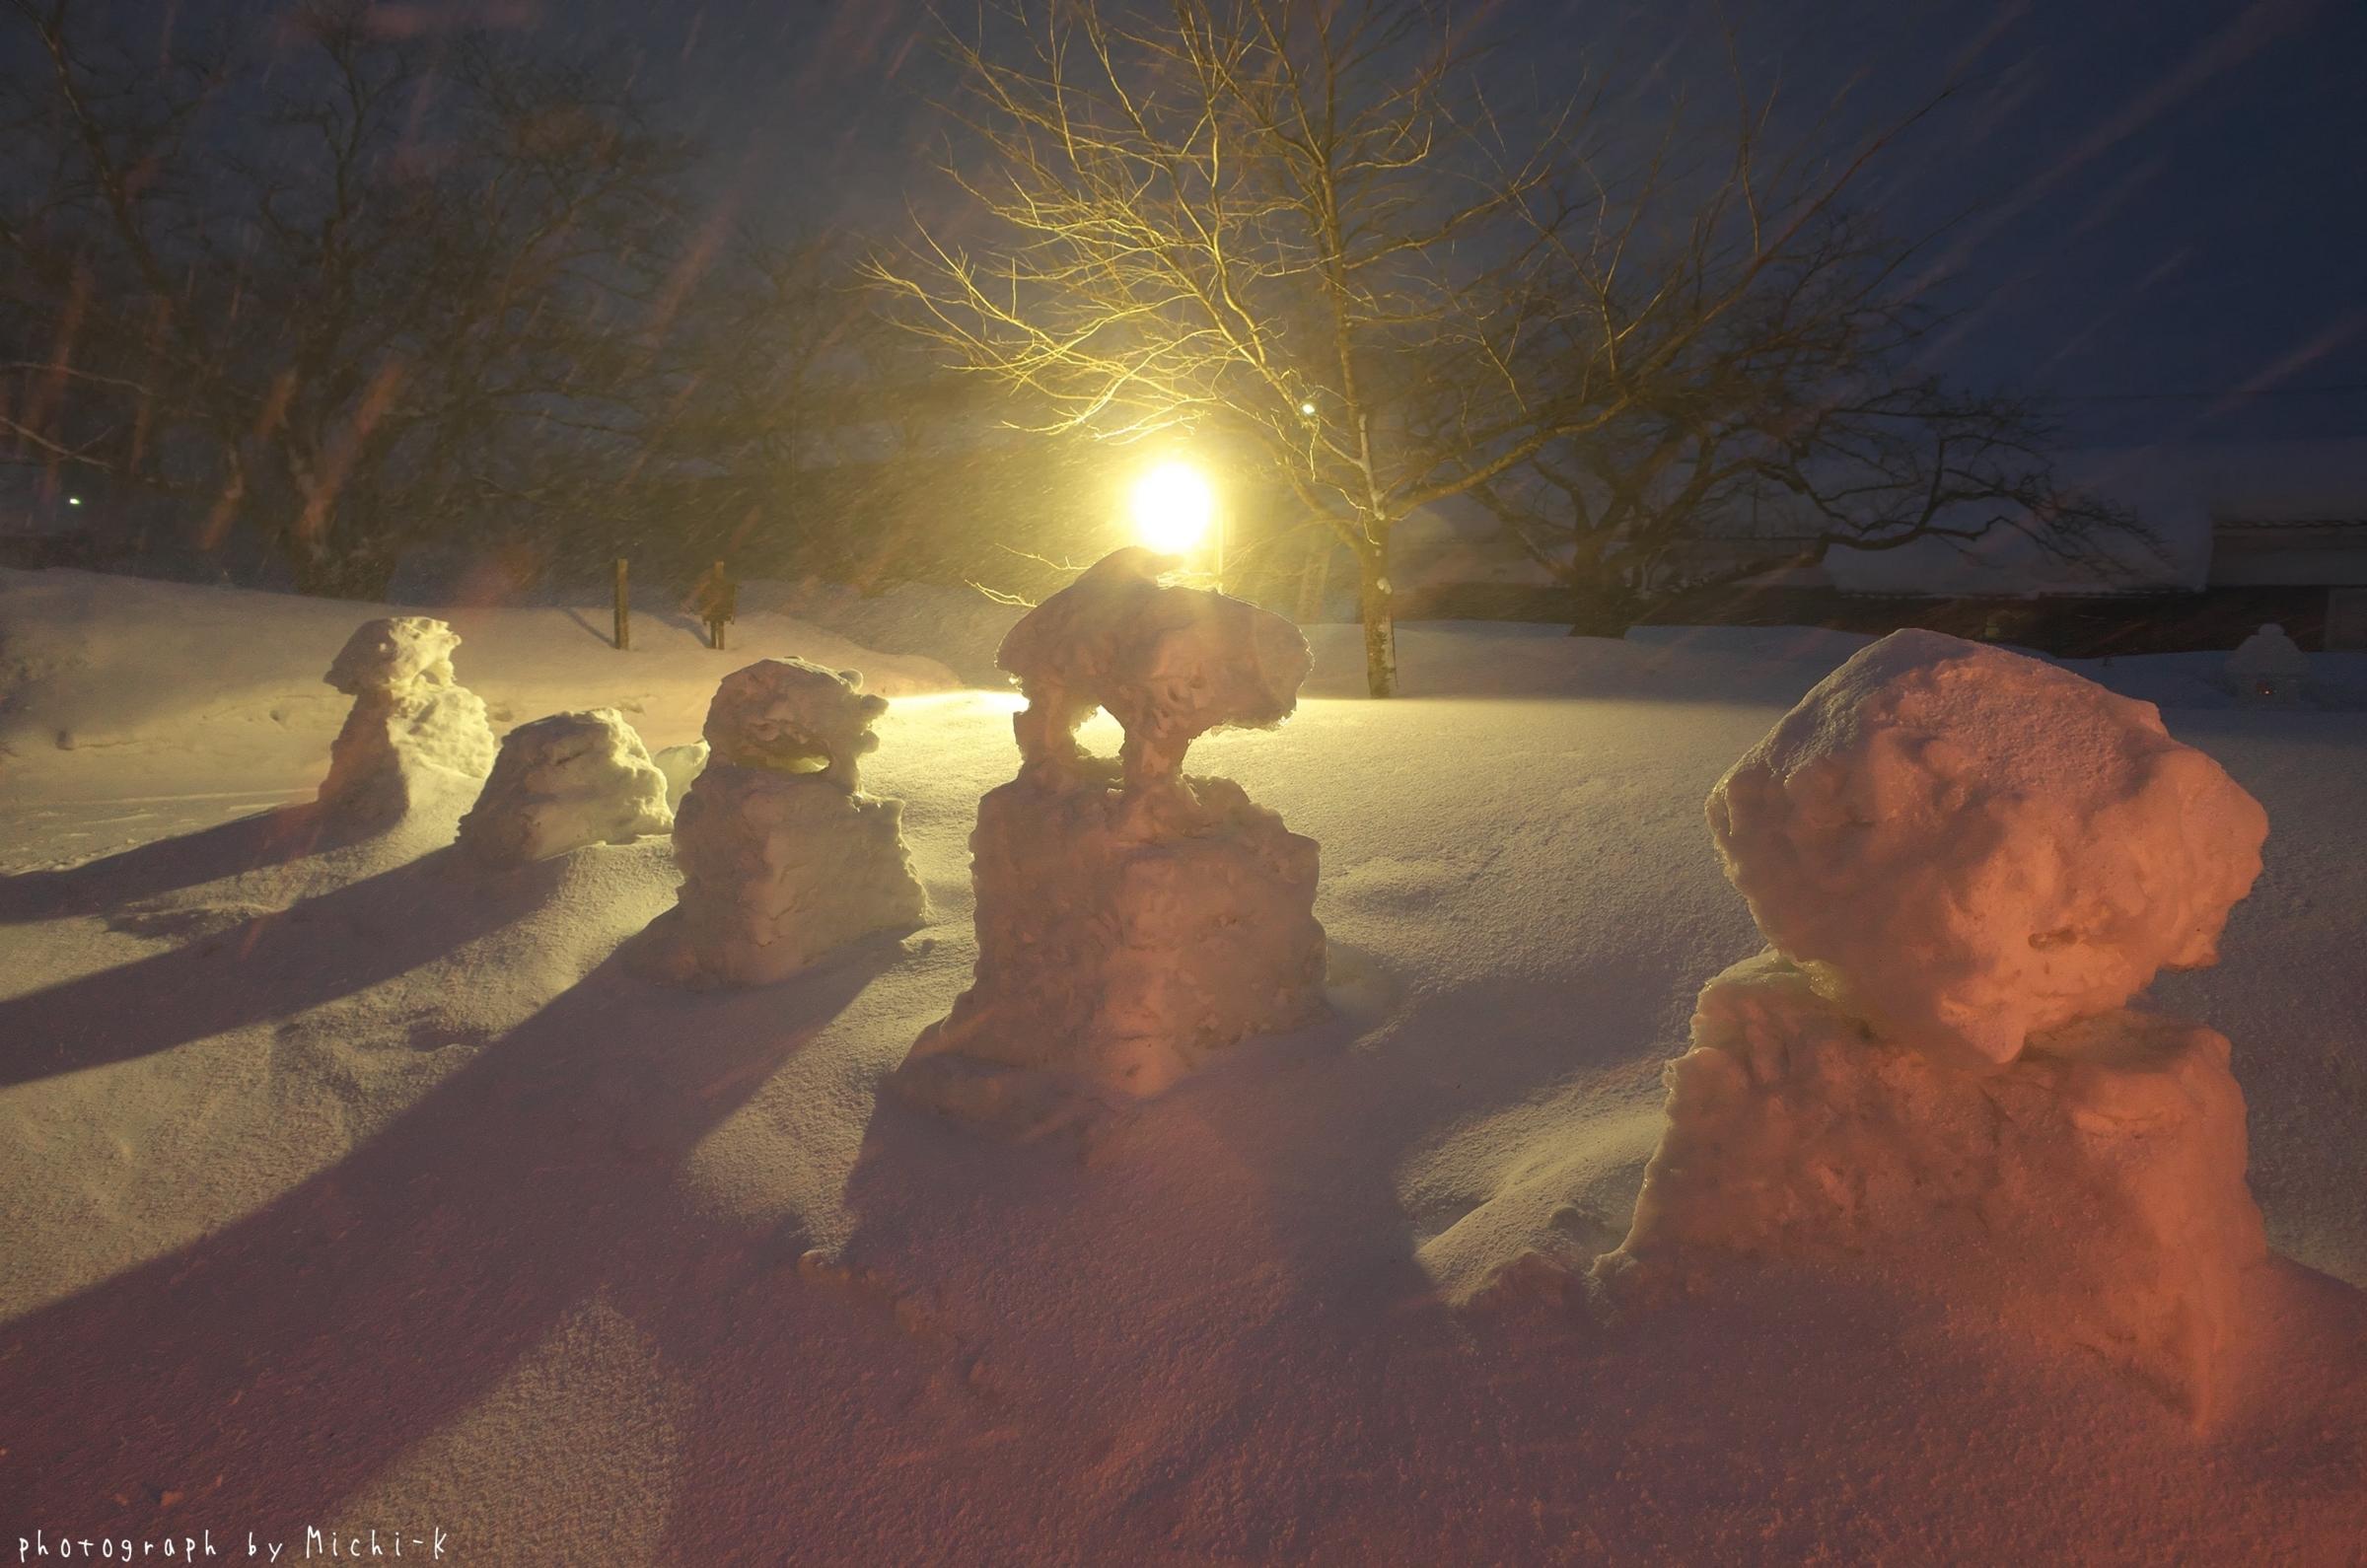 鶴岡市松ヶ丘雪灯篭まつり2018-2-18その5